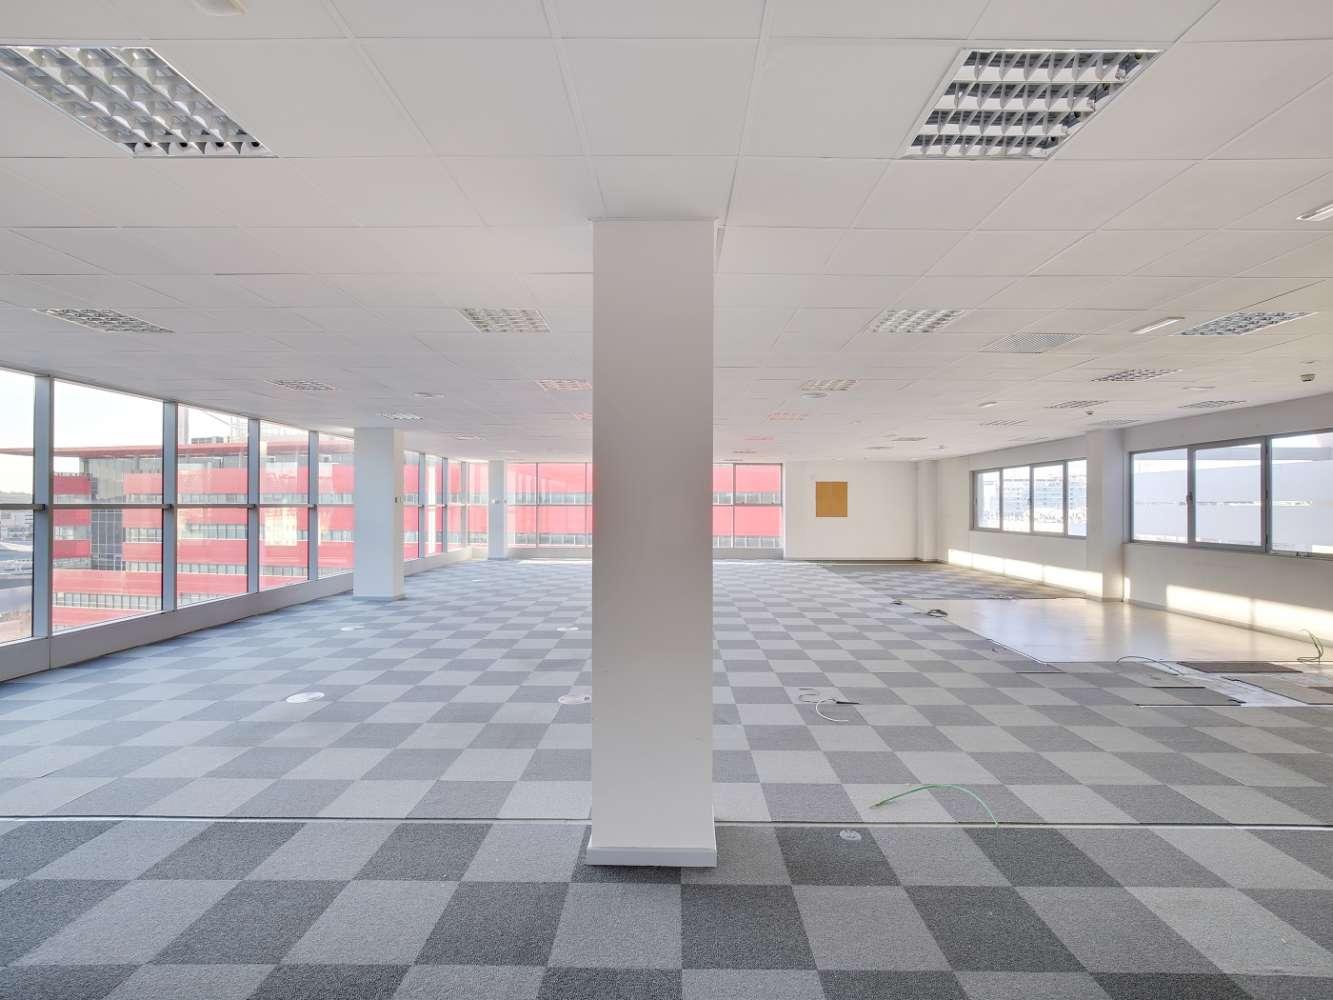 Oficina Rivas-vaciamadrid, 28521 - 521 Hub. Edificio 2 - 14513